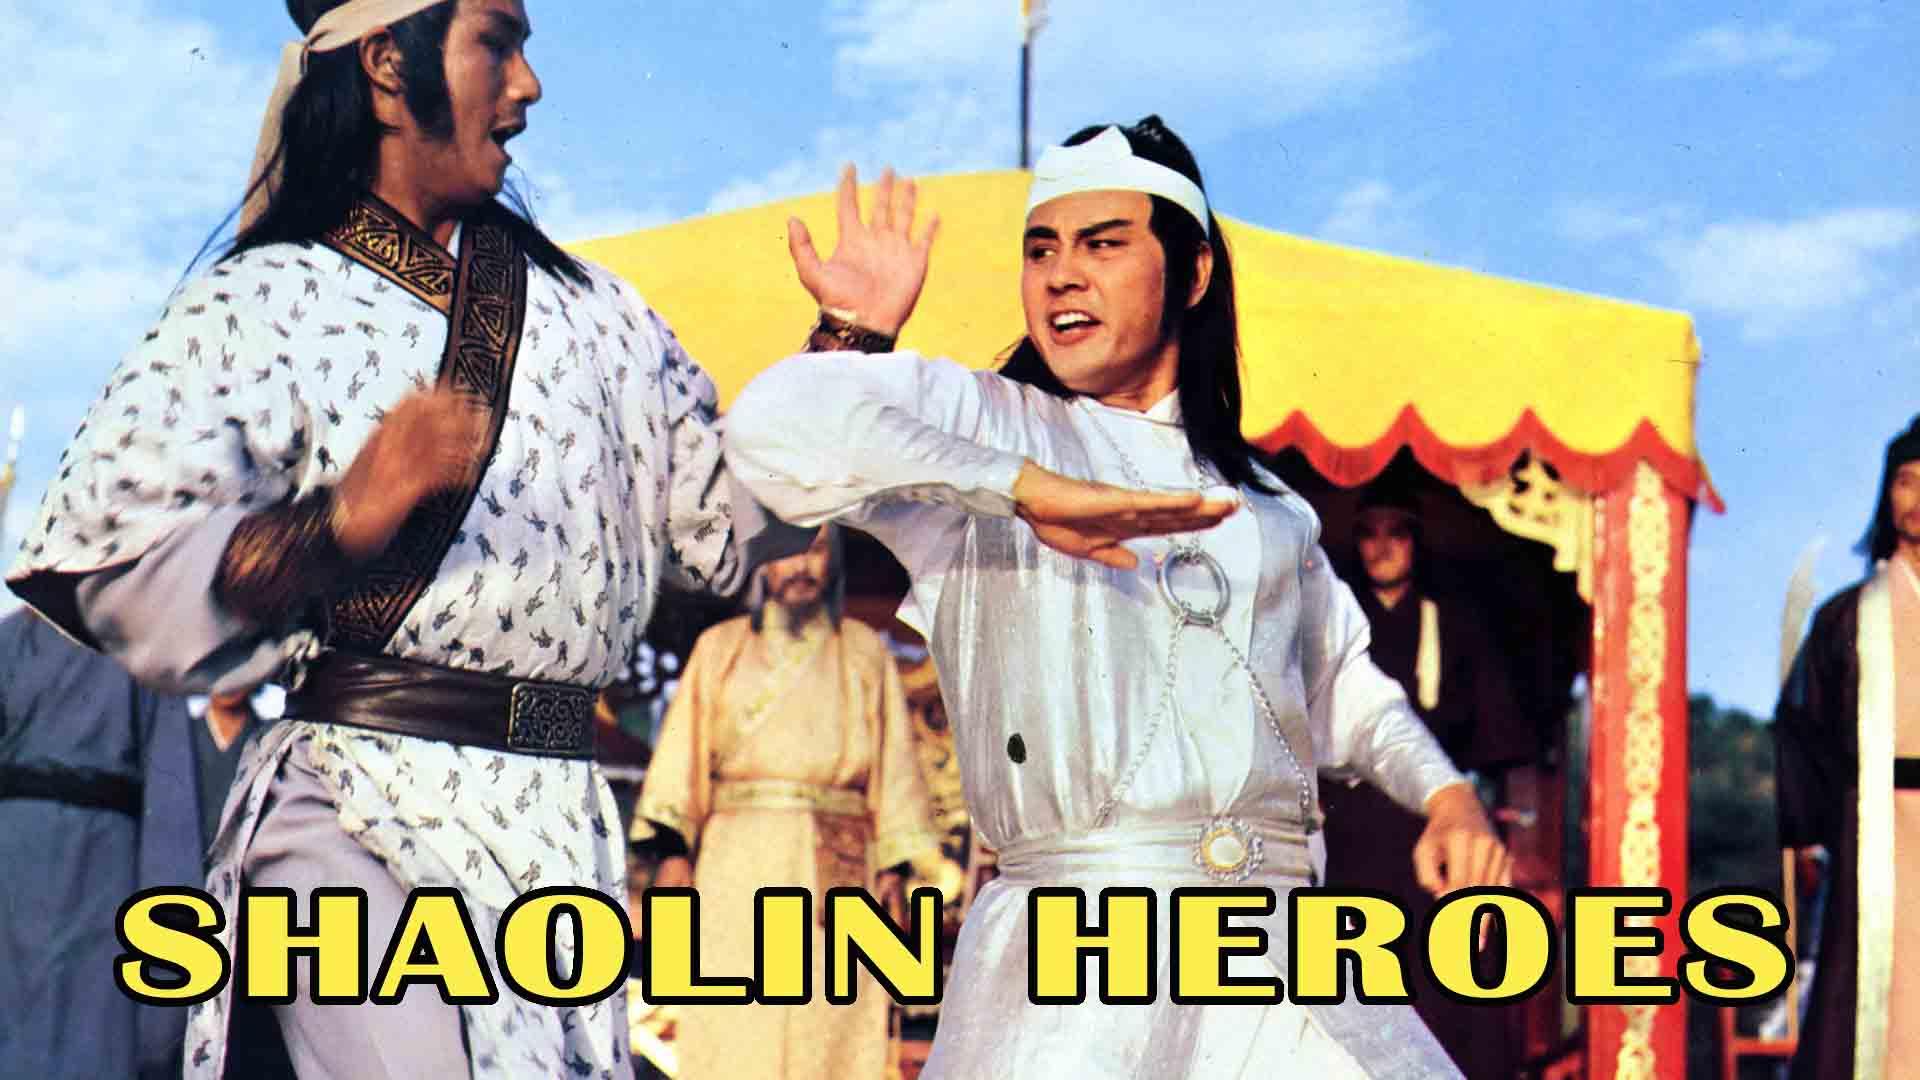 Shaolin Heroes